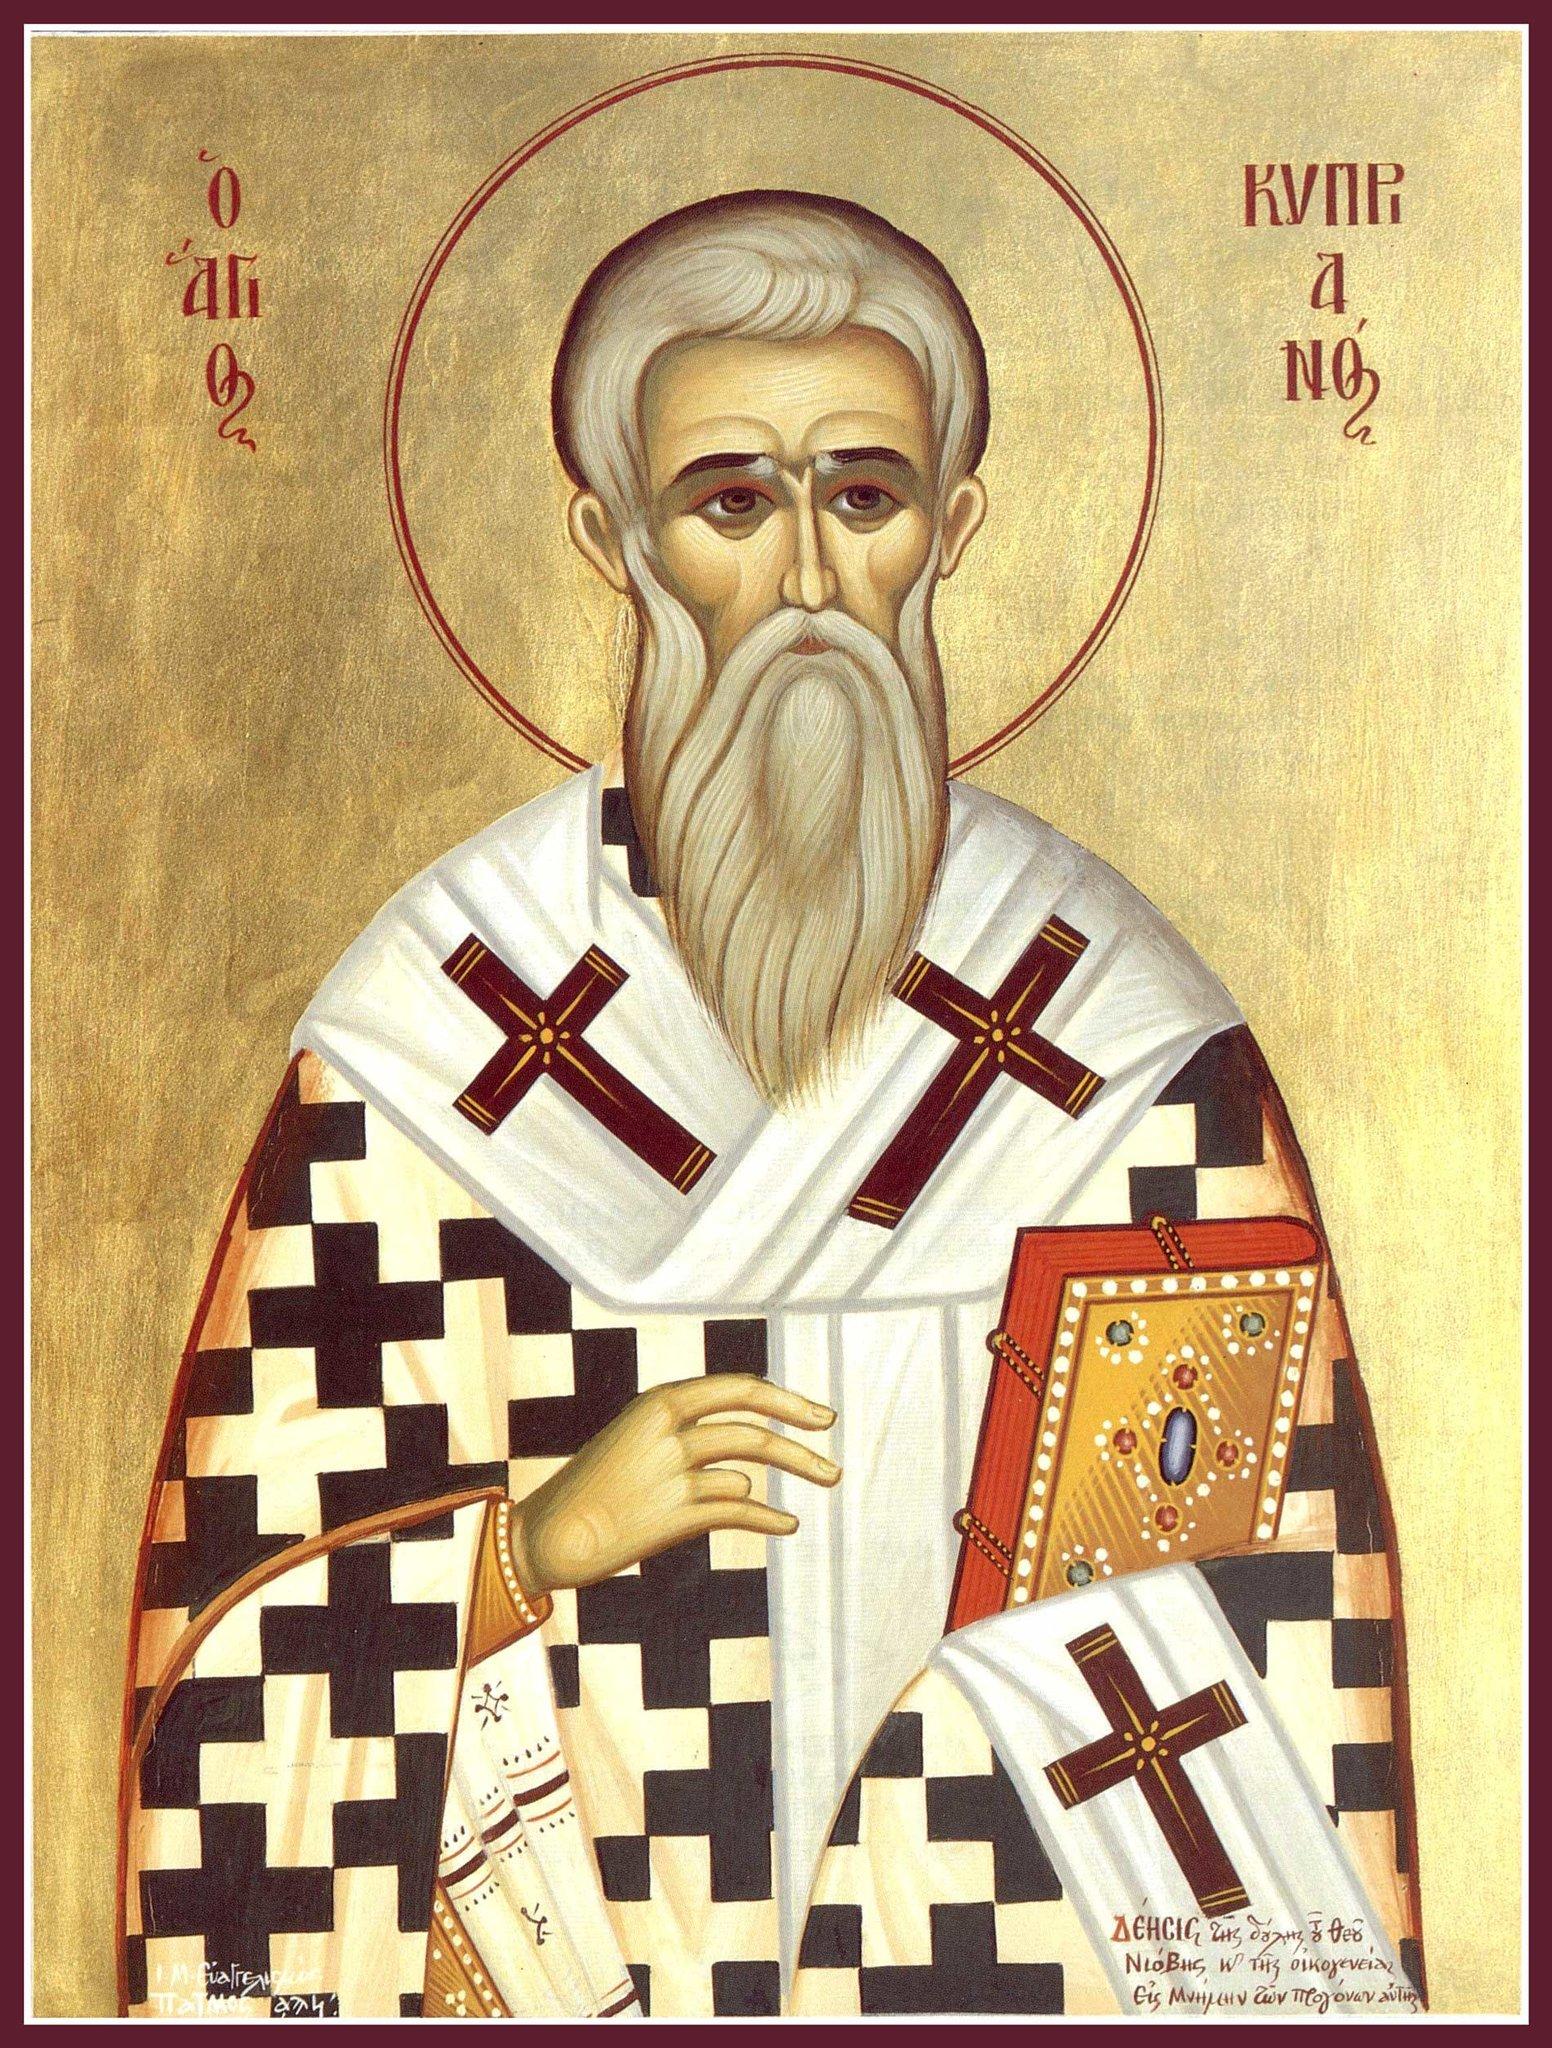 Bisschop Kipriyan van Antiochië gebed